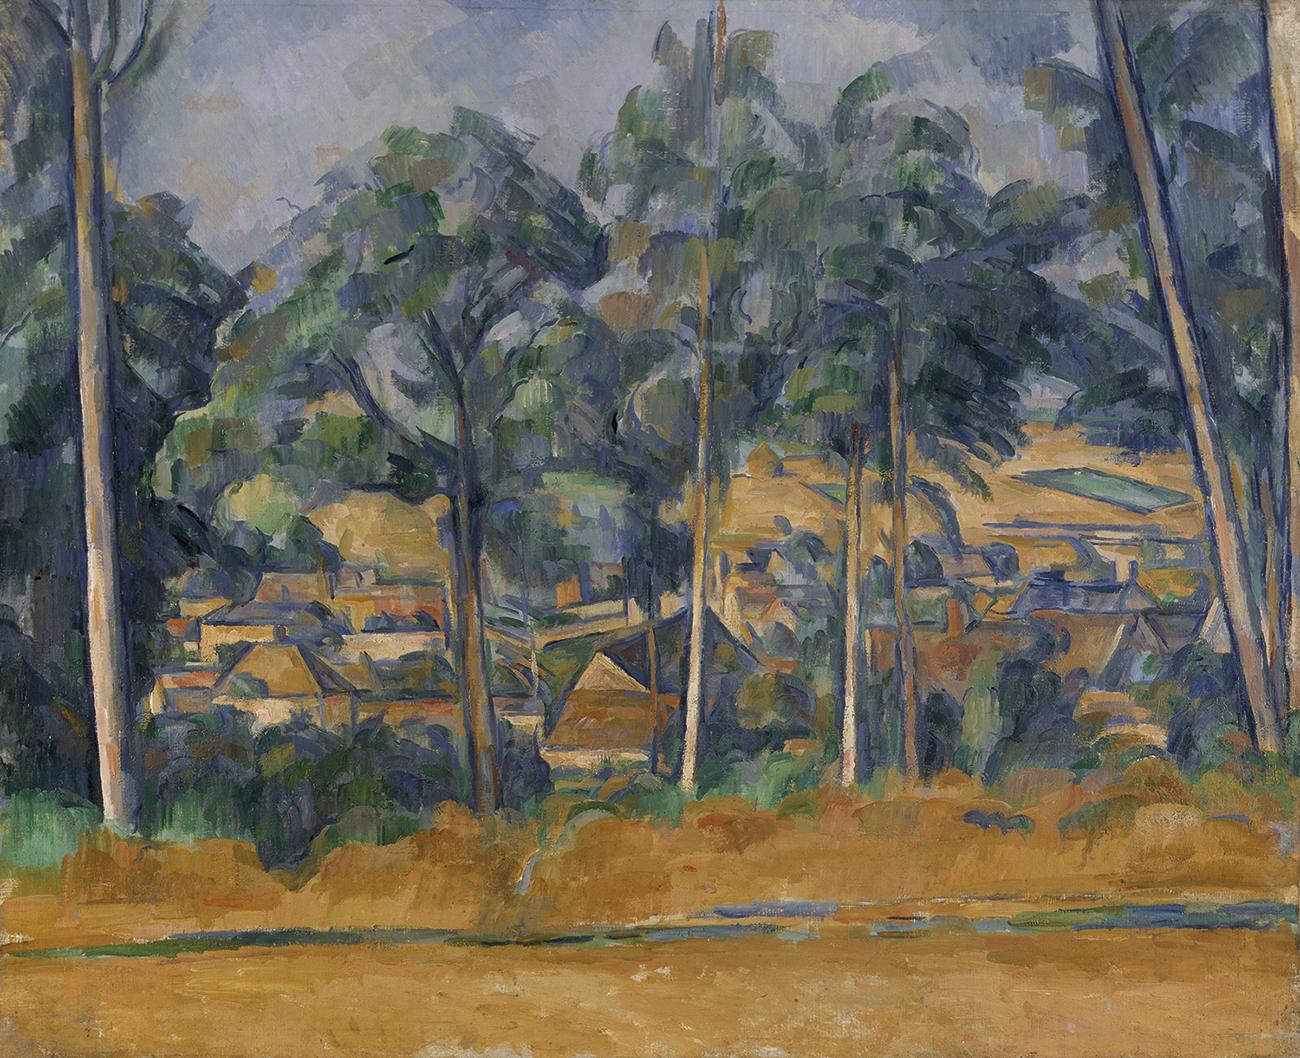 Paul Cézanne. 'Pueblo detrás de los árboles (Marines)', ca. 1898. Der Kunstverein in Bremen – Kunsthalle Bremen. Foto: Lars Lohrisch.